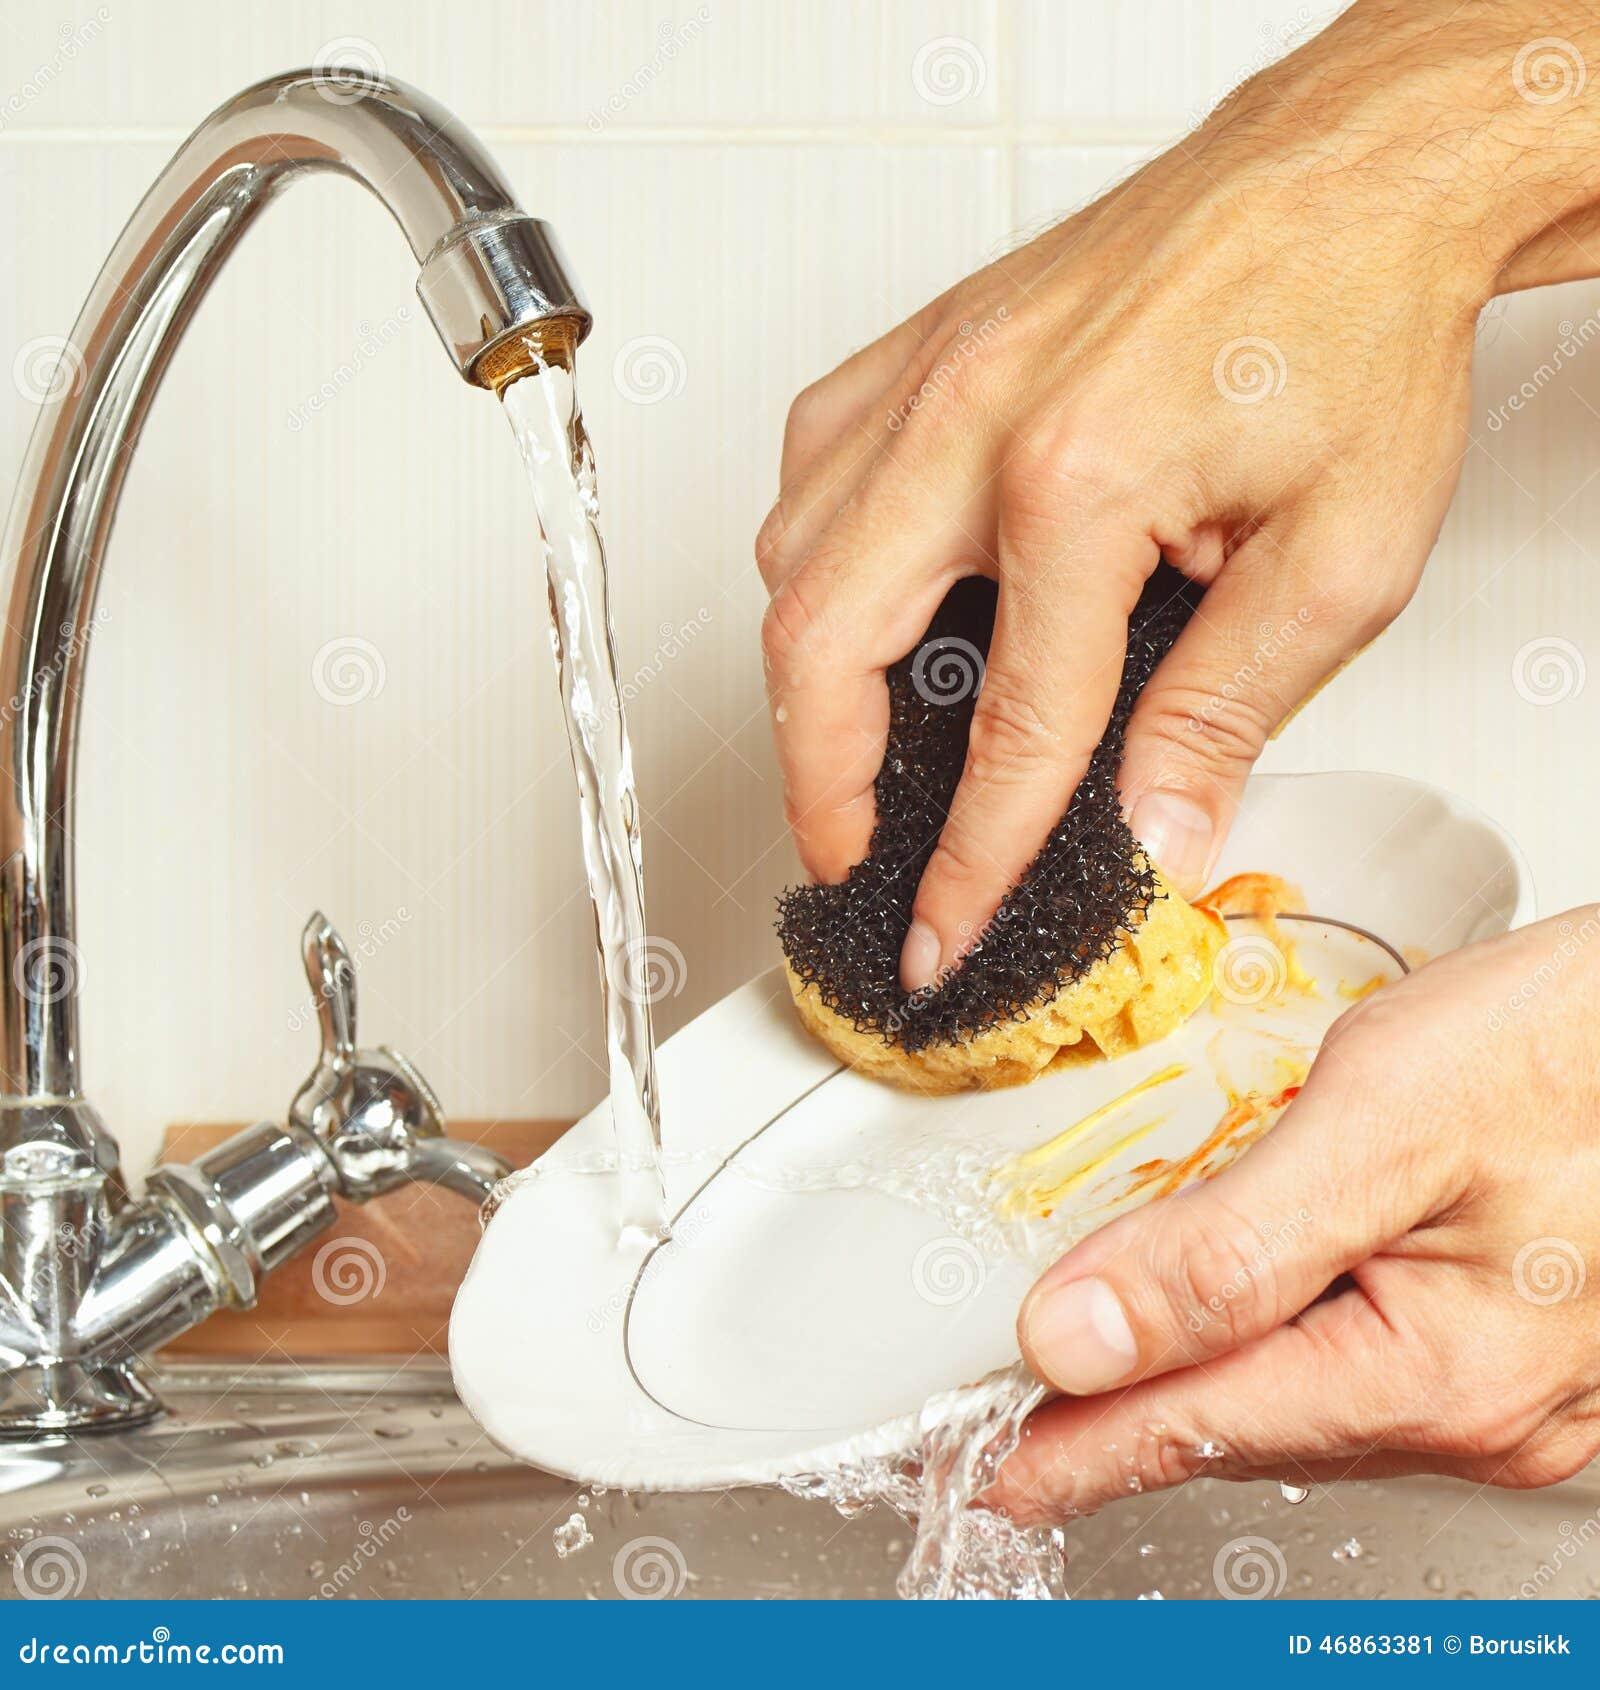 h nde mit schwamm waschen die schmutzigen teller unter flie endem wasser in der k che stockfoto. Black Bedroom Furniture Sets. Home Design Ideas